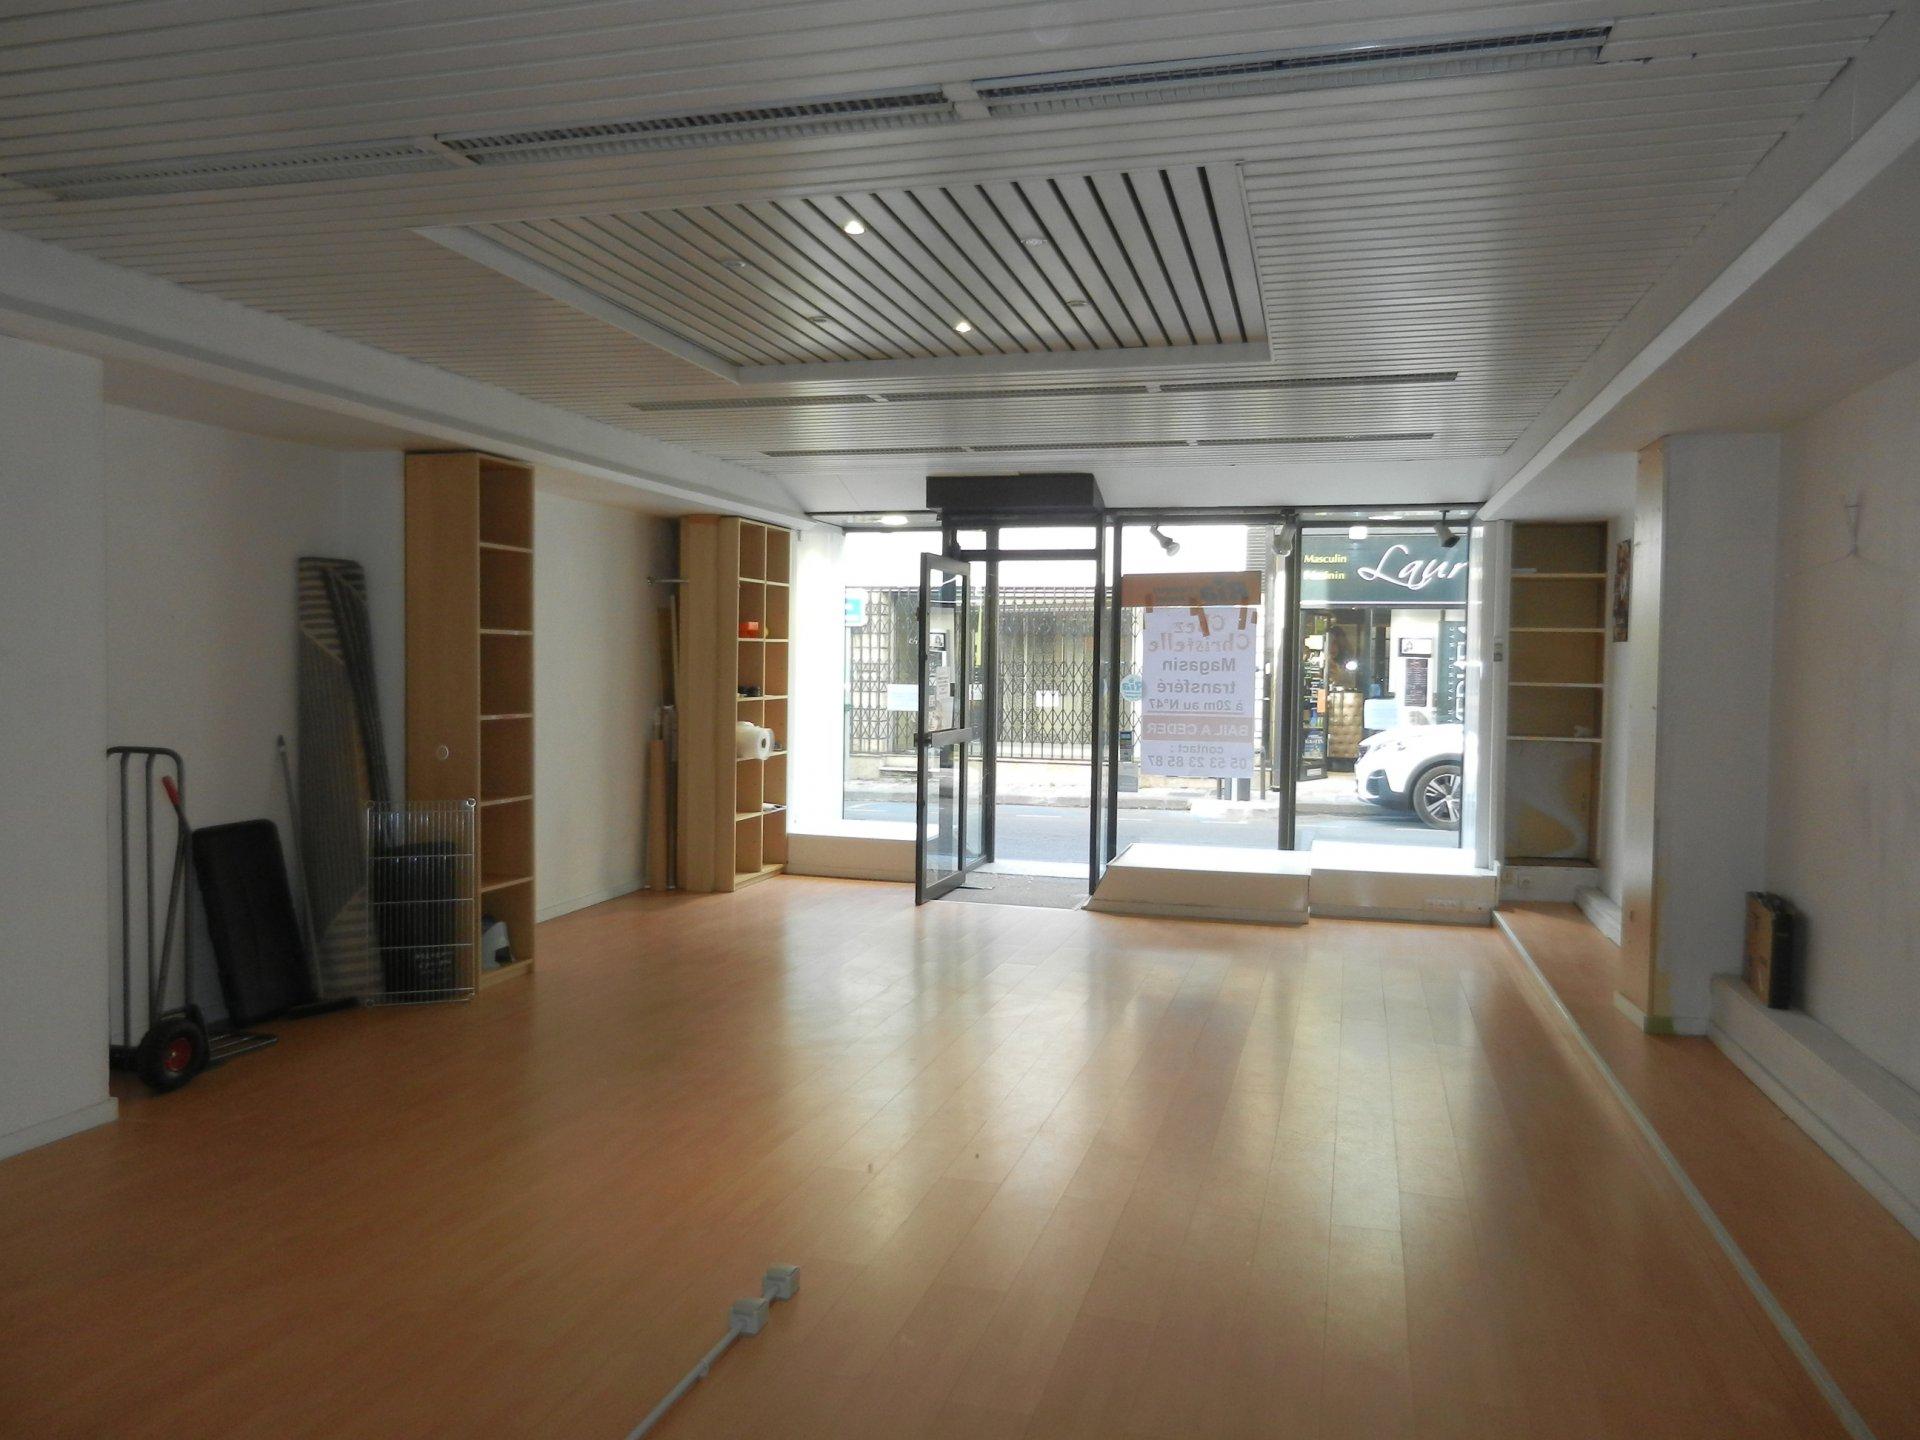 Local de 76m² de plain pied, hyper centre avec vitrines